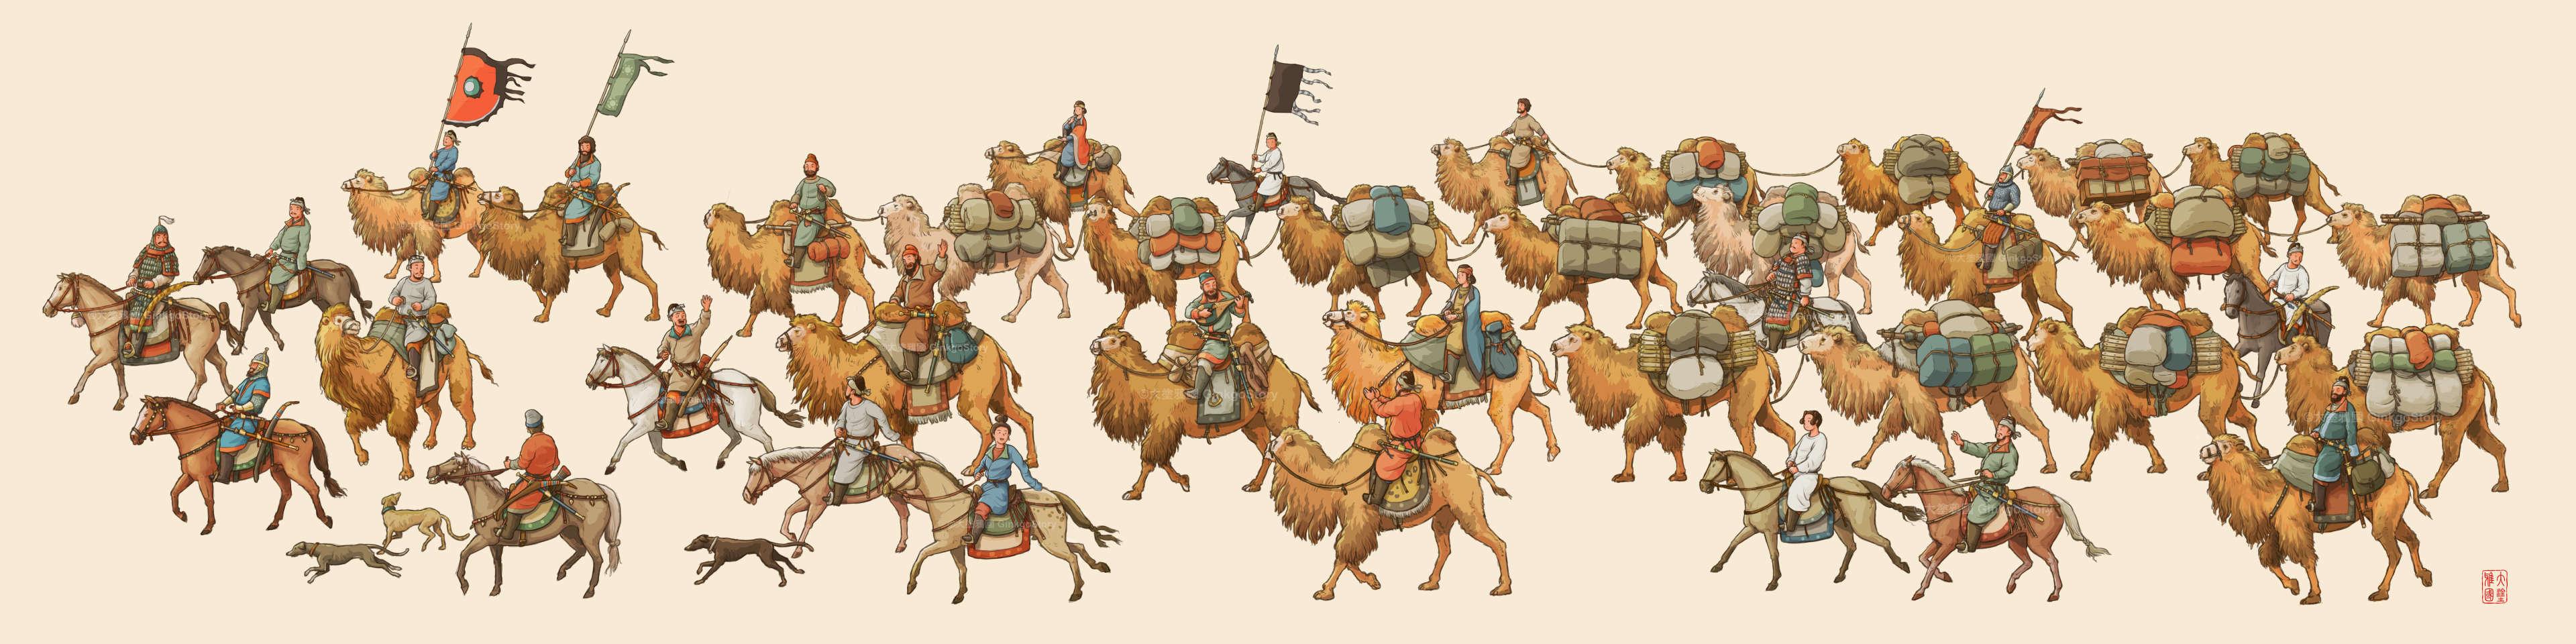 Sogdian Caravan during Tang Dynasty